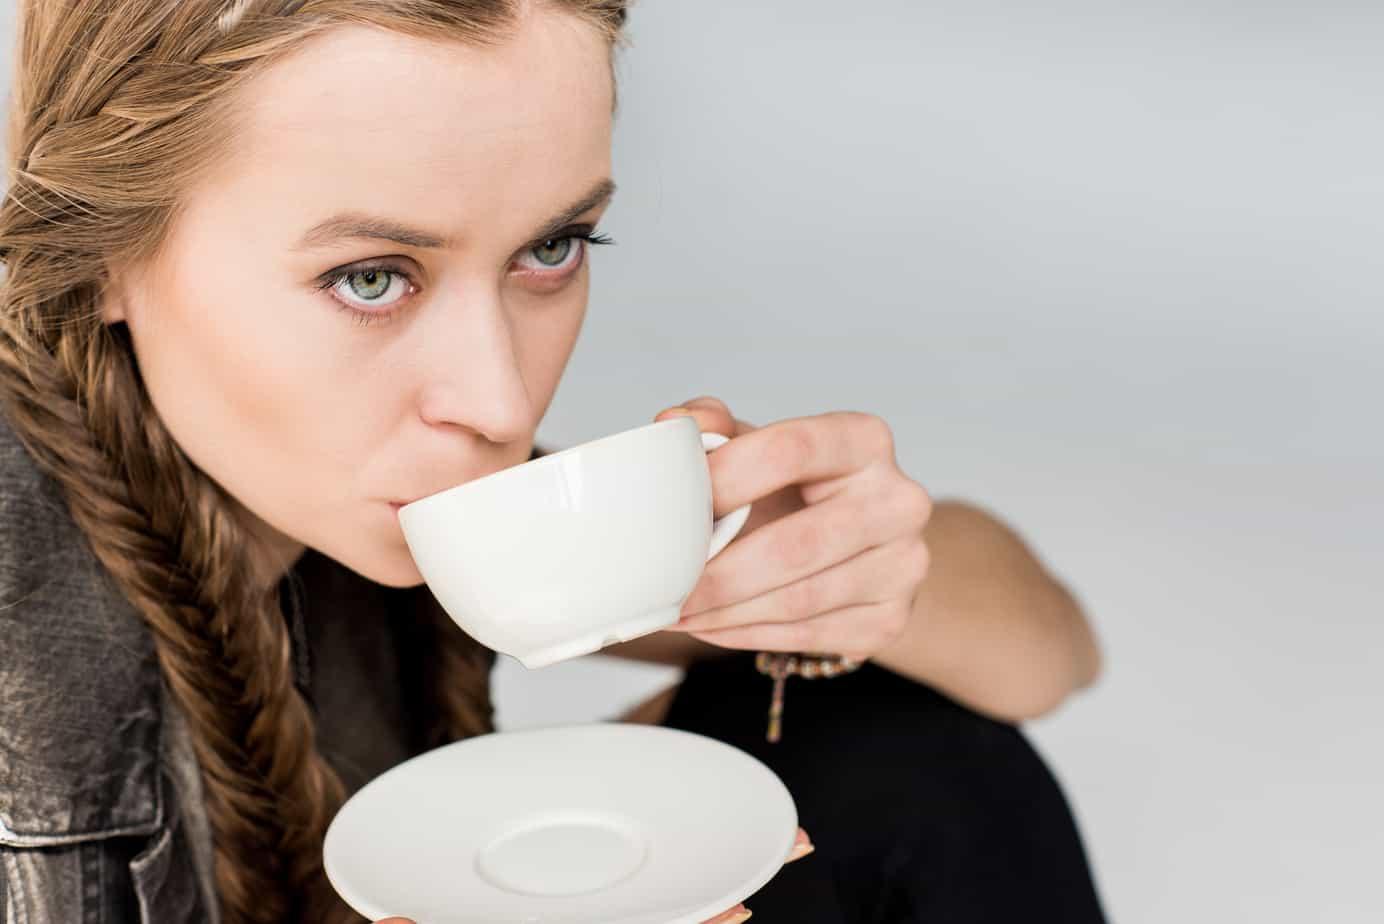 uống trà để giảm cân là một phương pháp nhanh gọn, tiết kiệm chi phí nhưng liệu có hiệu quả?